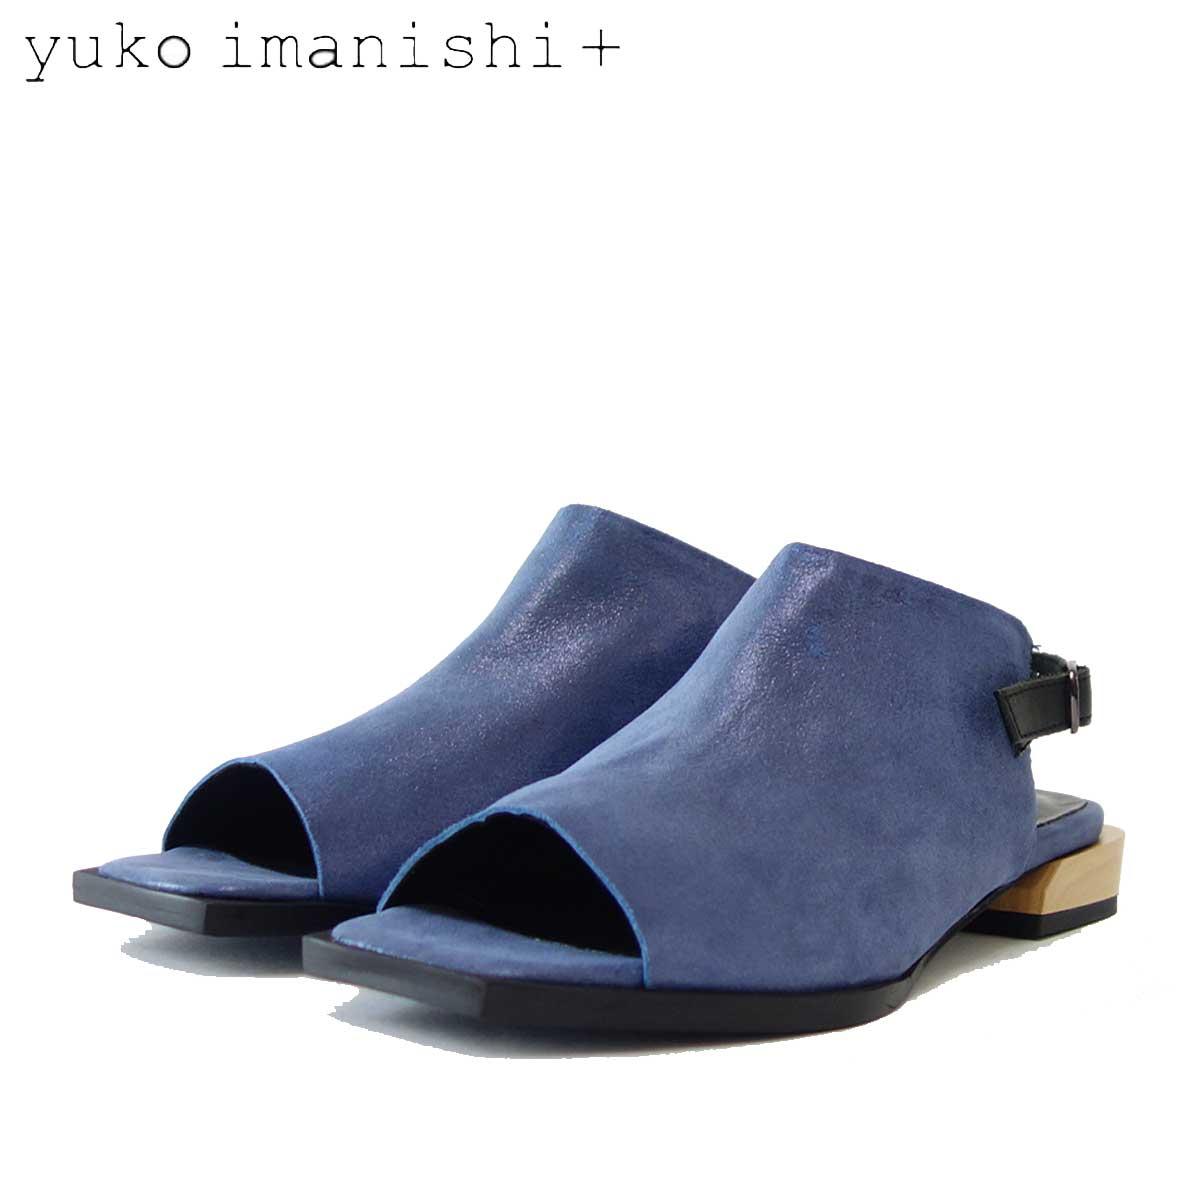 【スーパーDEAL30%ポイントバック】ユーコ イマニシ yuko imanishi +  792012 ブルーメタリック オープントゥ フラットサンダル 「靴」